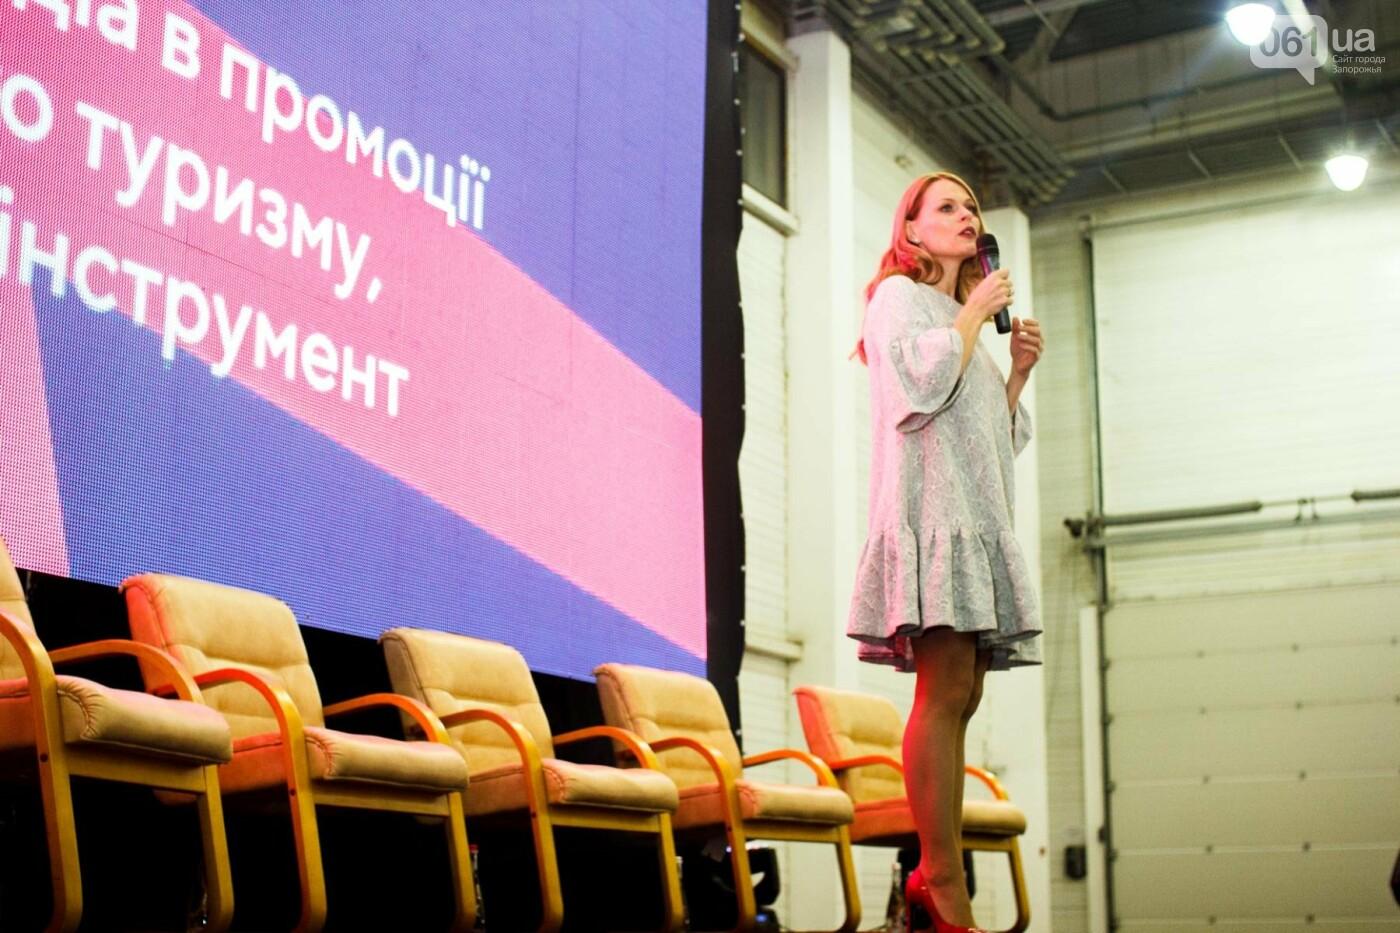 Запорожский Туристический Форум посетила телеведущая Ольга Фреймут, - ФОТОРЕПОРТАЖ, фото-18